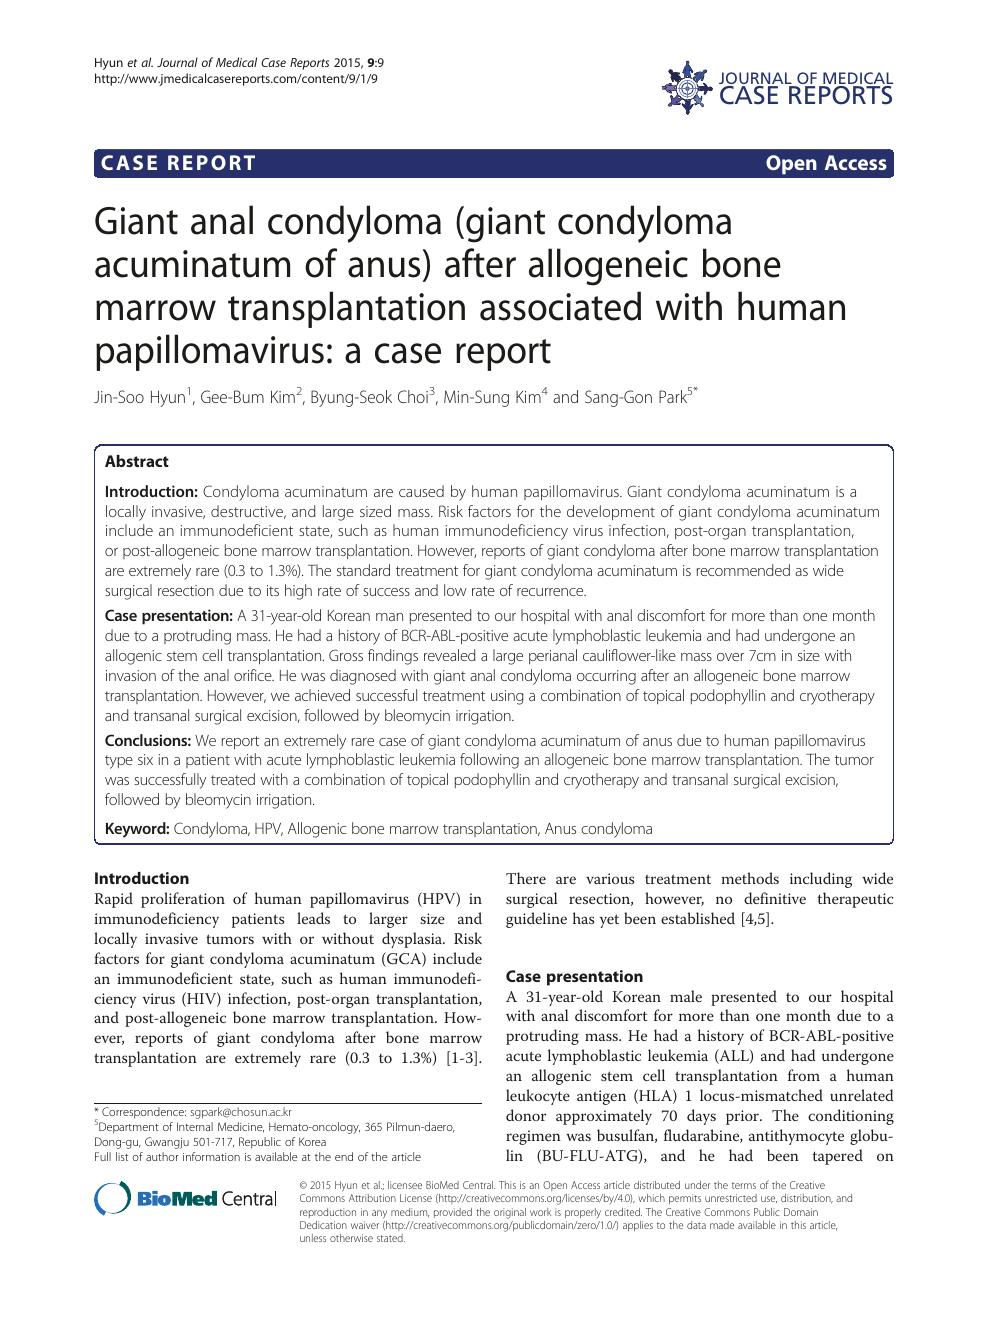 condyloma acuminata literature review